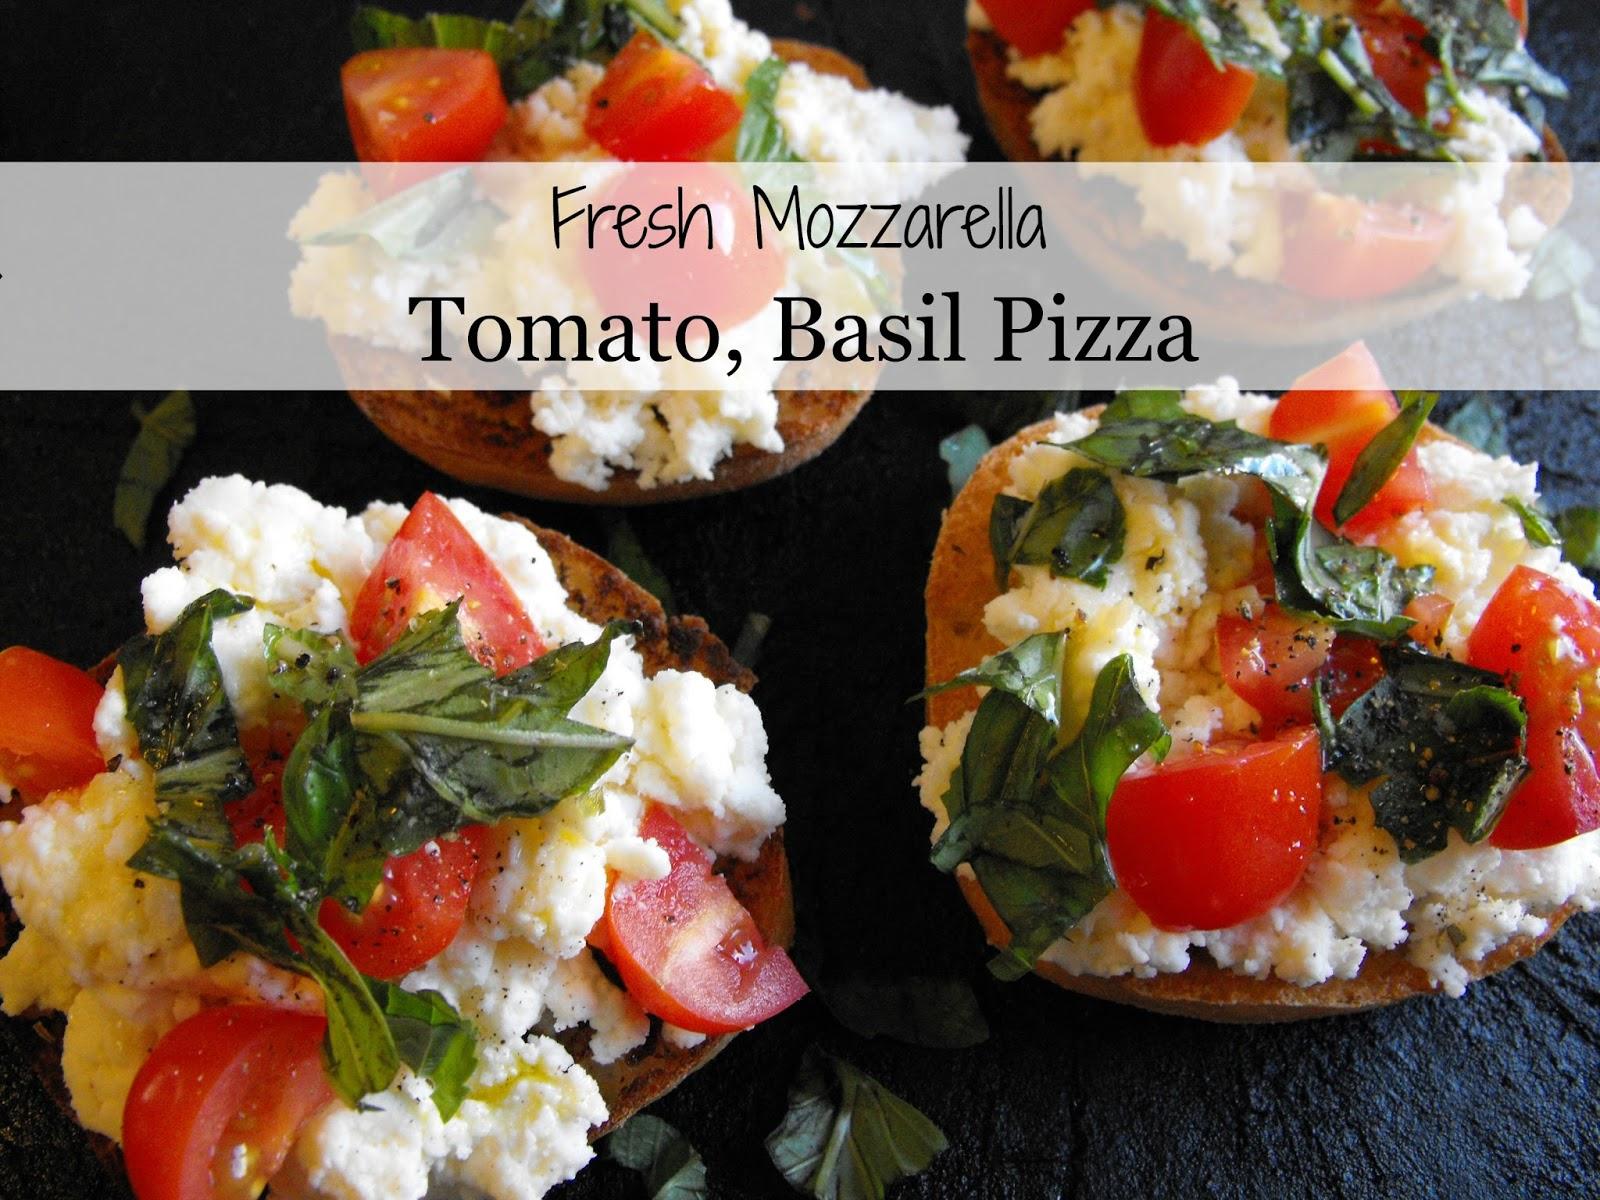 Smile for no reason: Fresh Mozzarella, Tomato, Basil Pizza